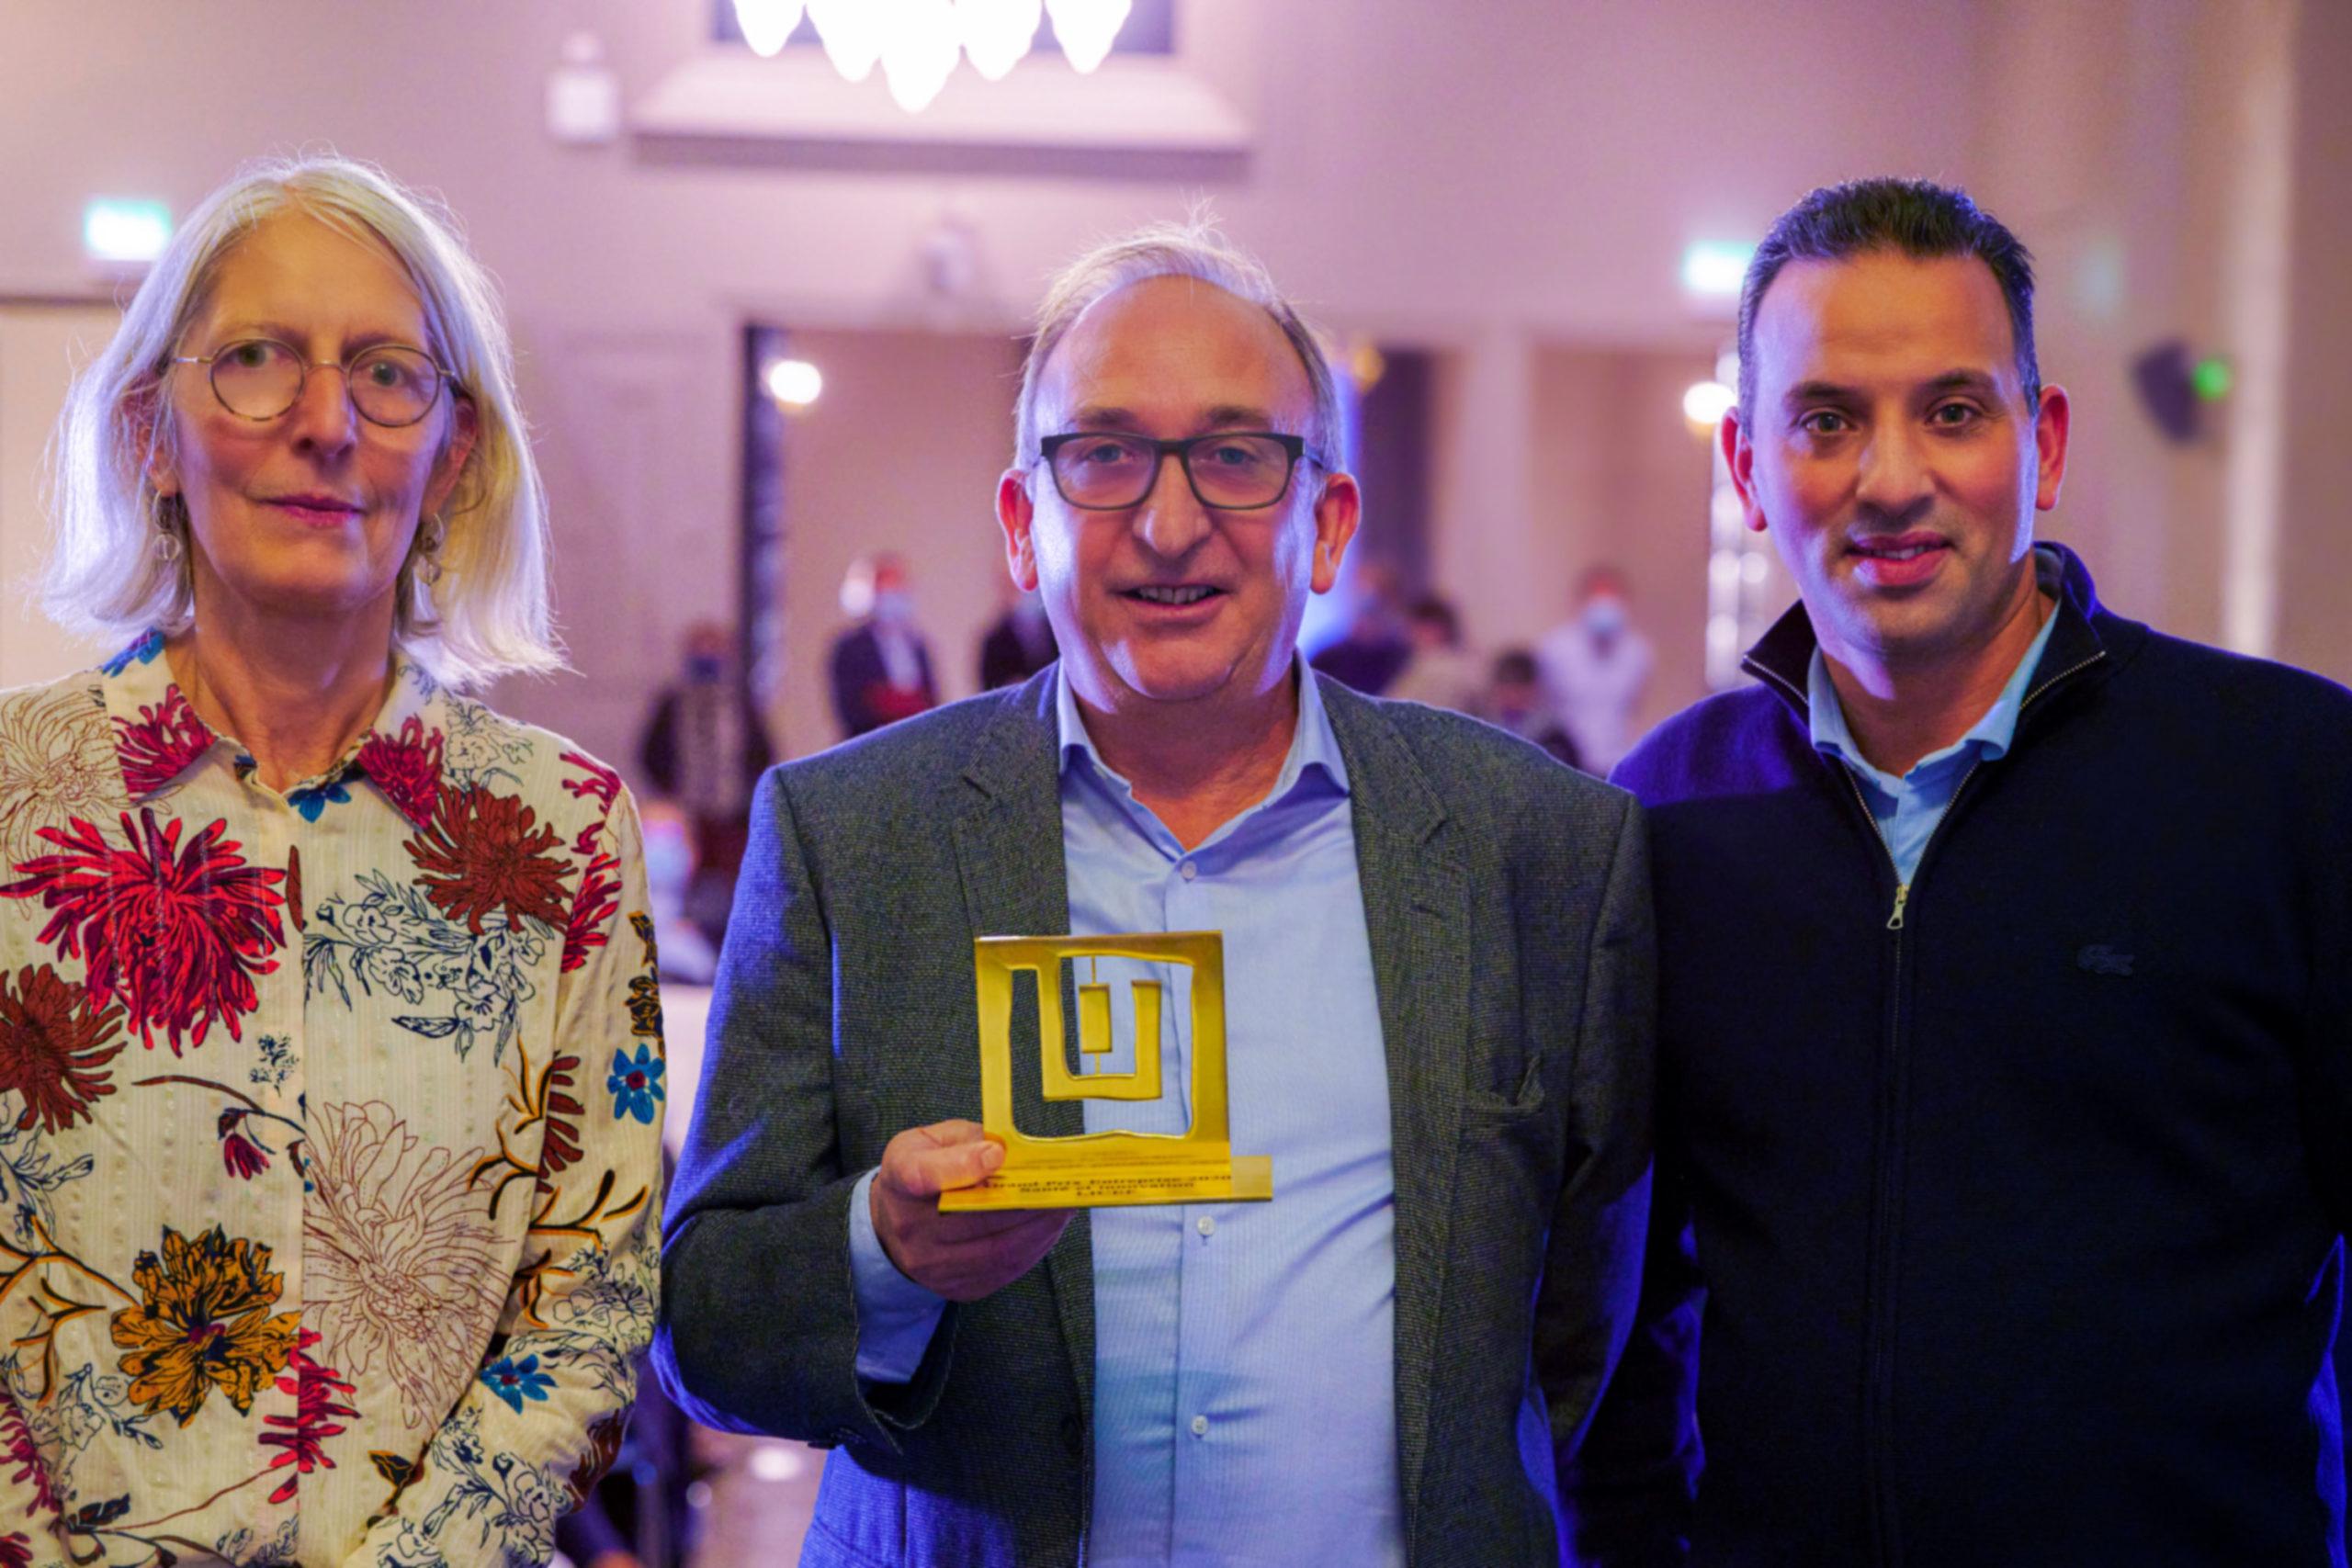 Geste d'Or Grand Prix entreprise 2020 «Santé et Innovation»